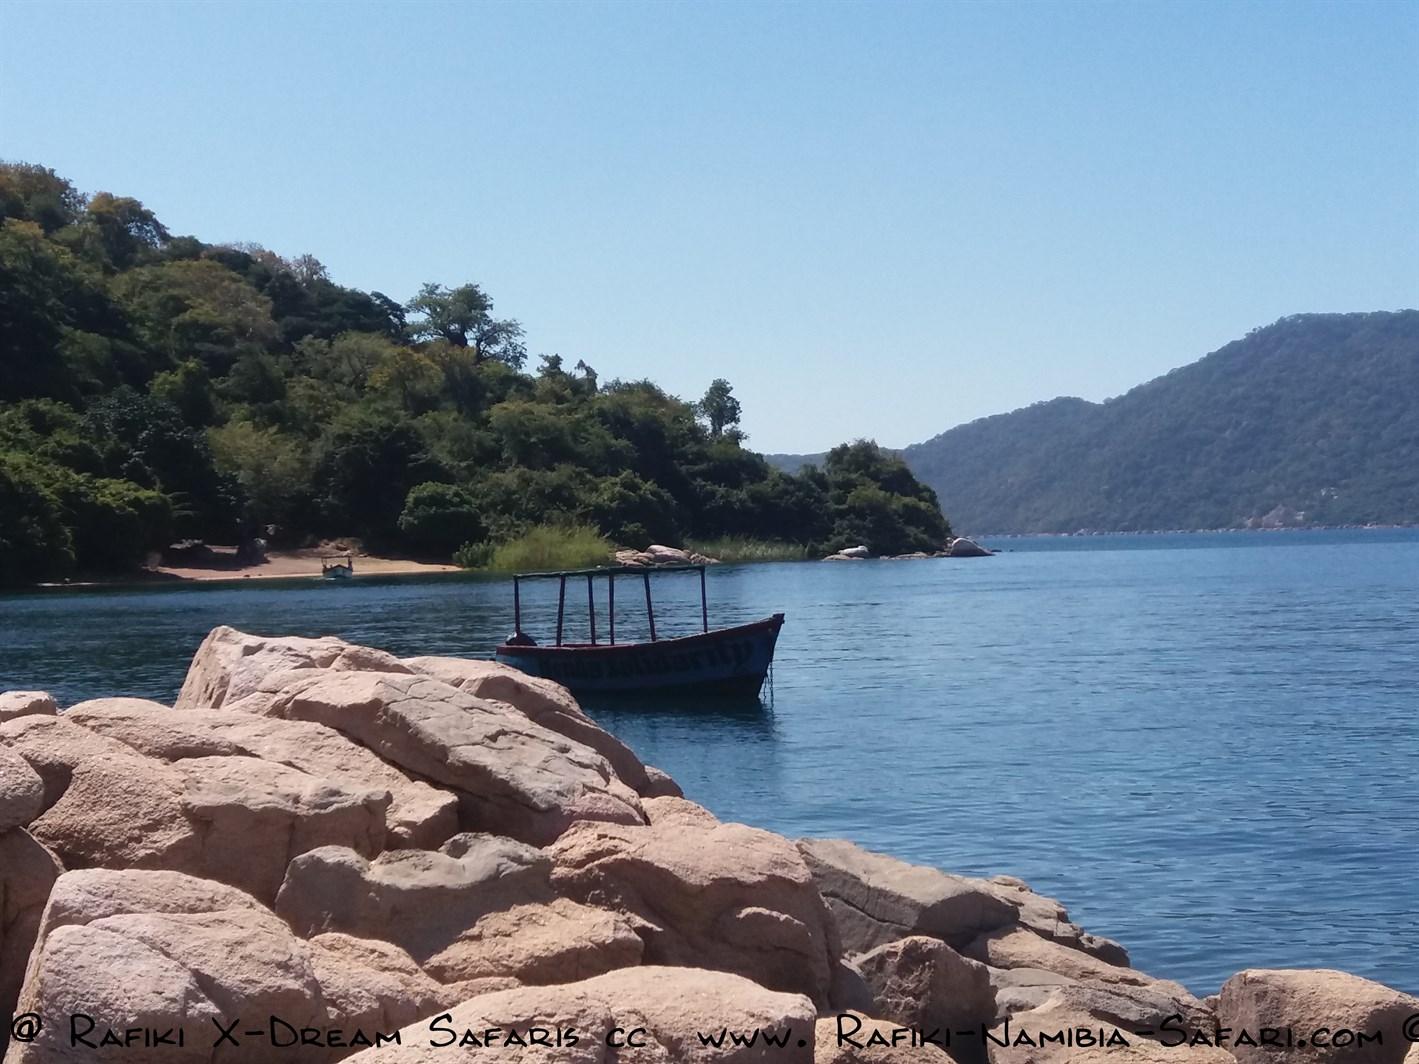 Expedition Malawi – Camping Safari – 19 Tage